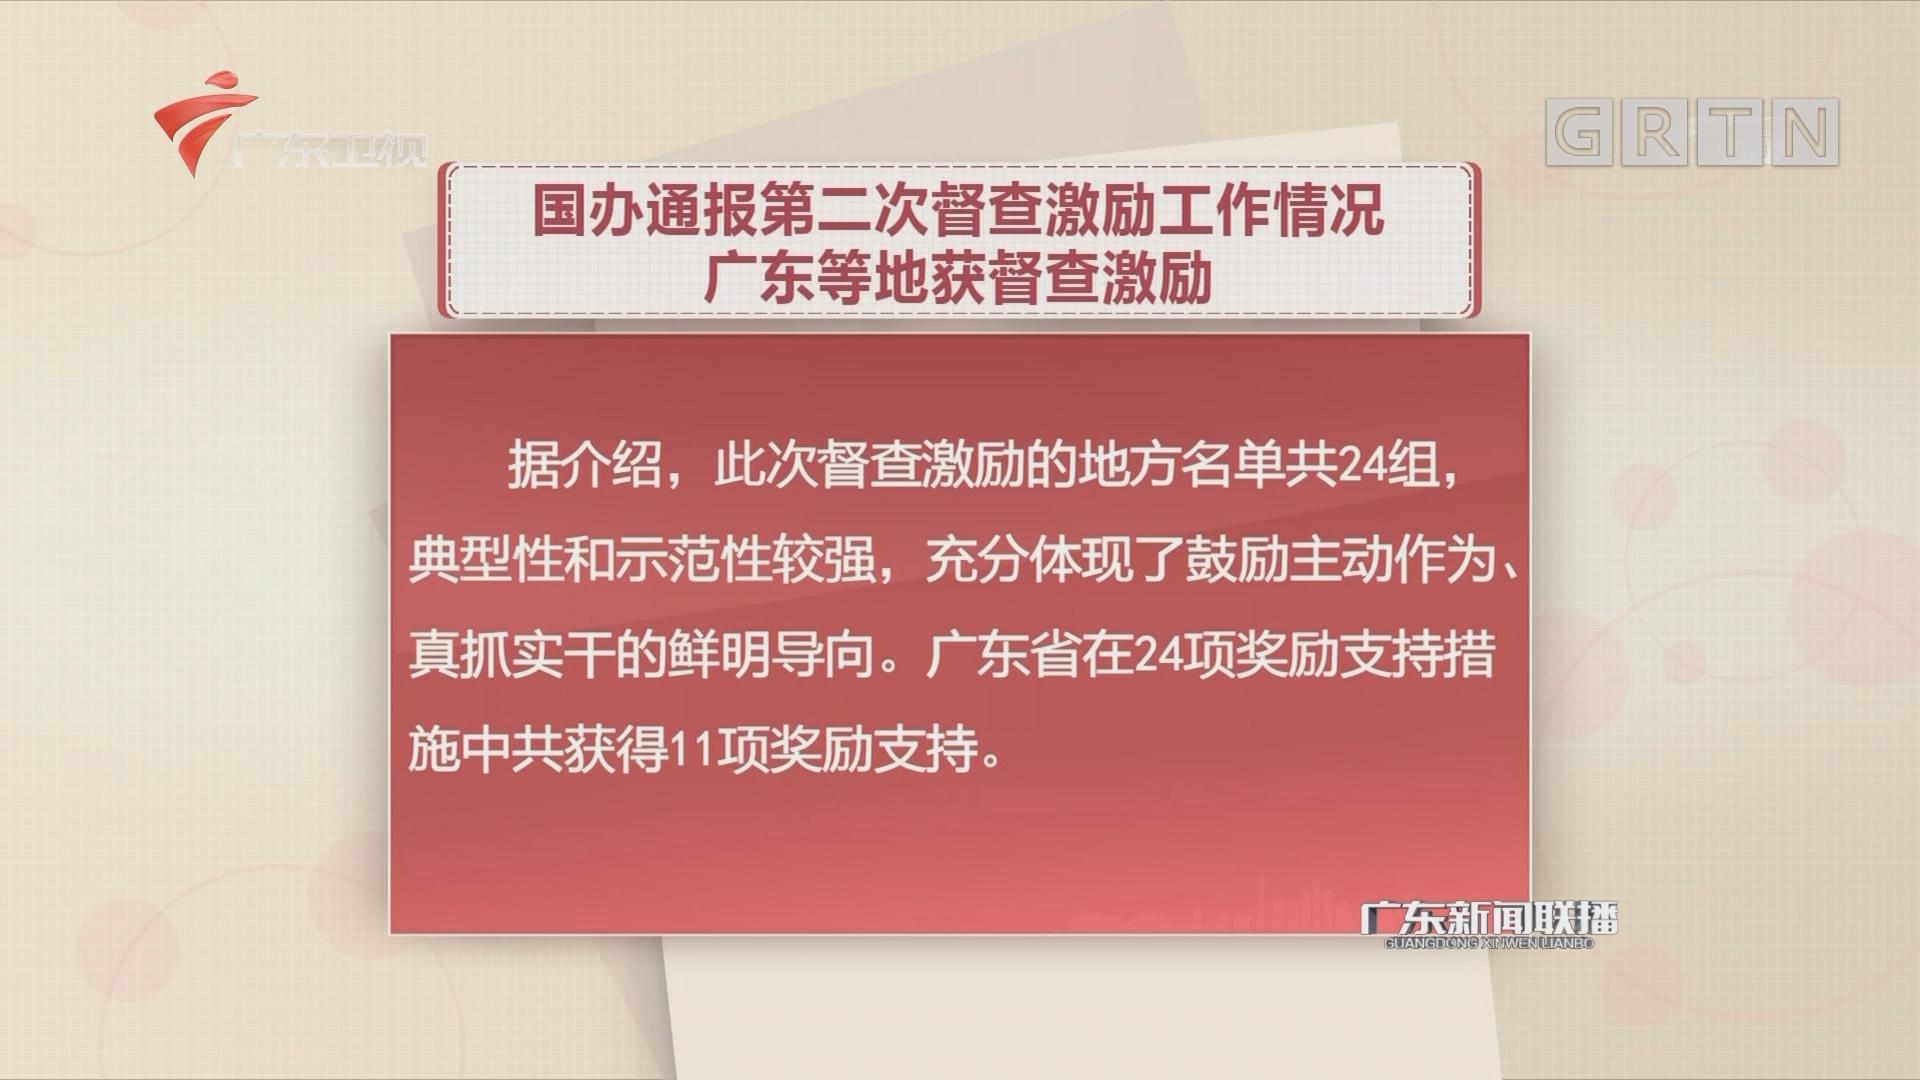 国办通报第二次督查激励工作情况 广东等地获督查激励